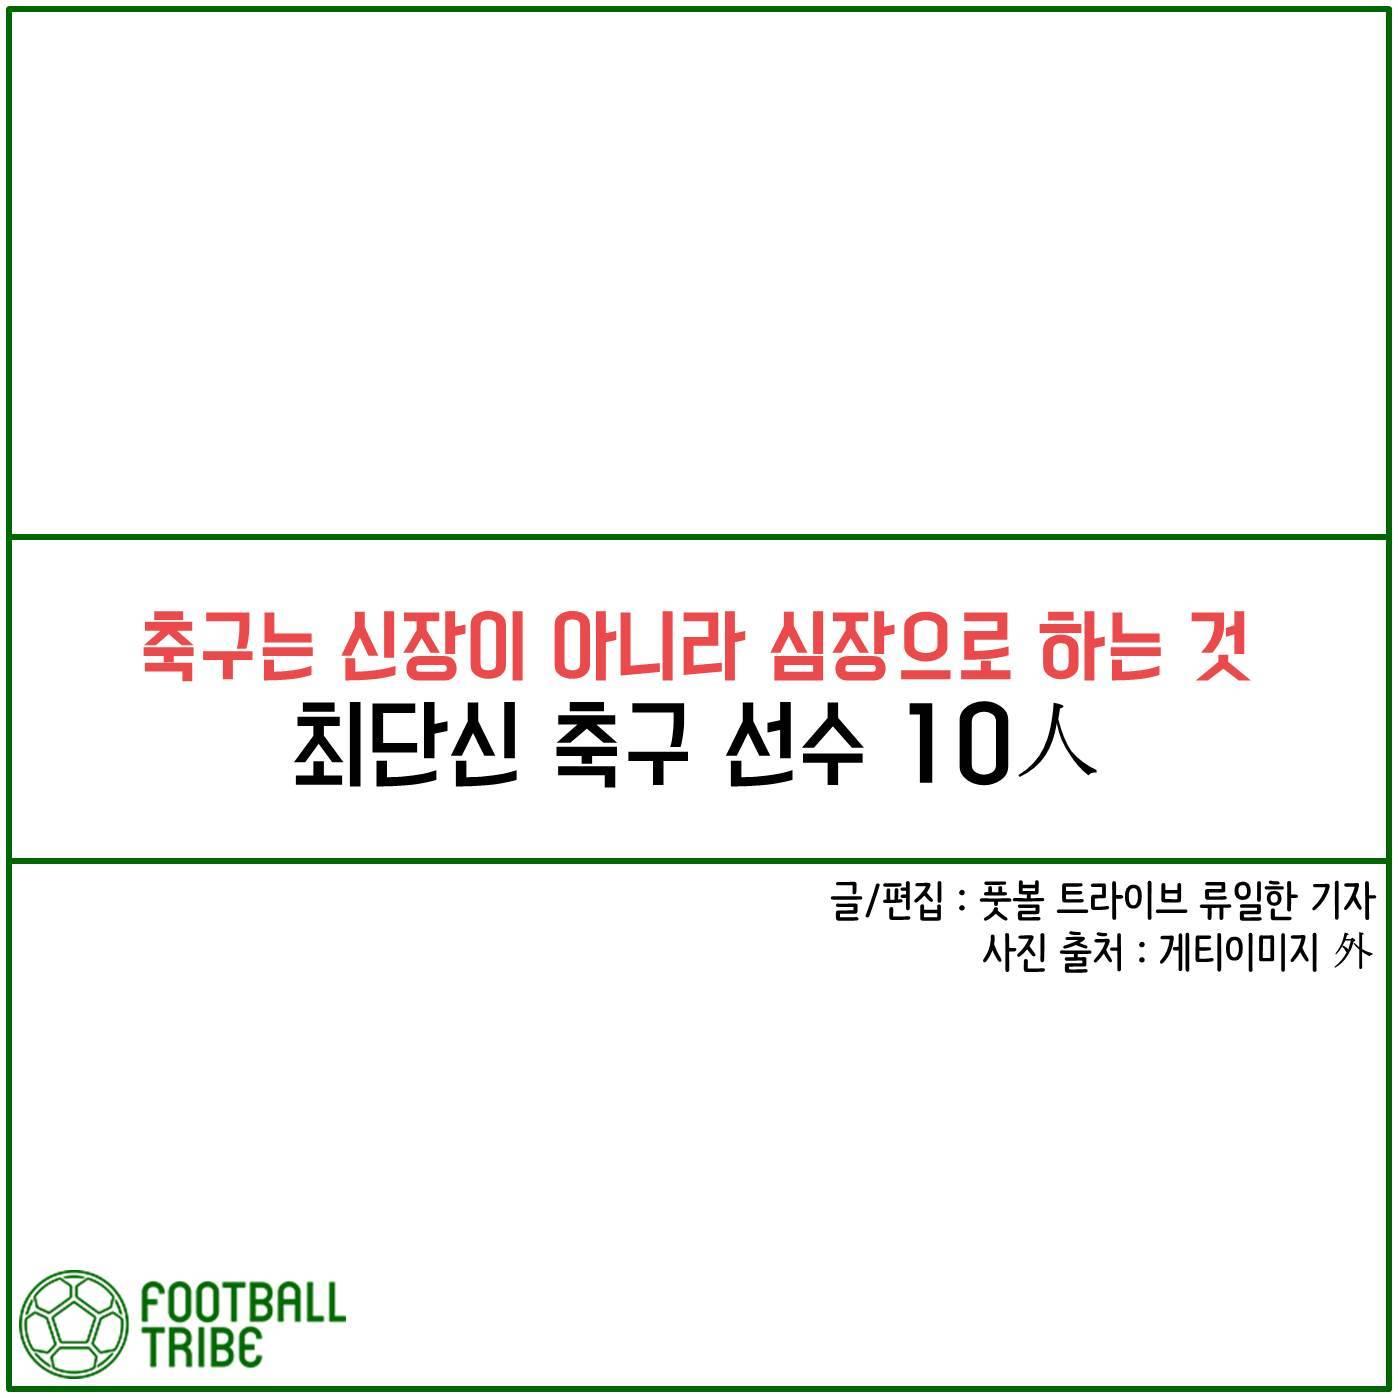 [카드 뉴스] 최단신 축구 선수 10인人